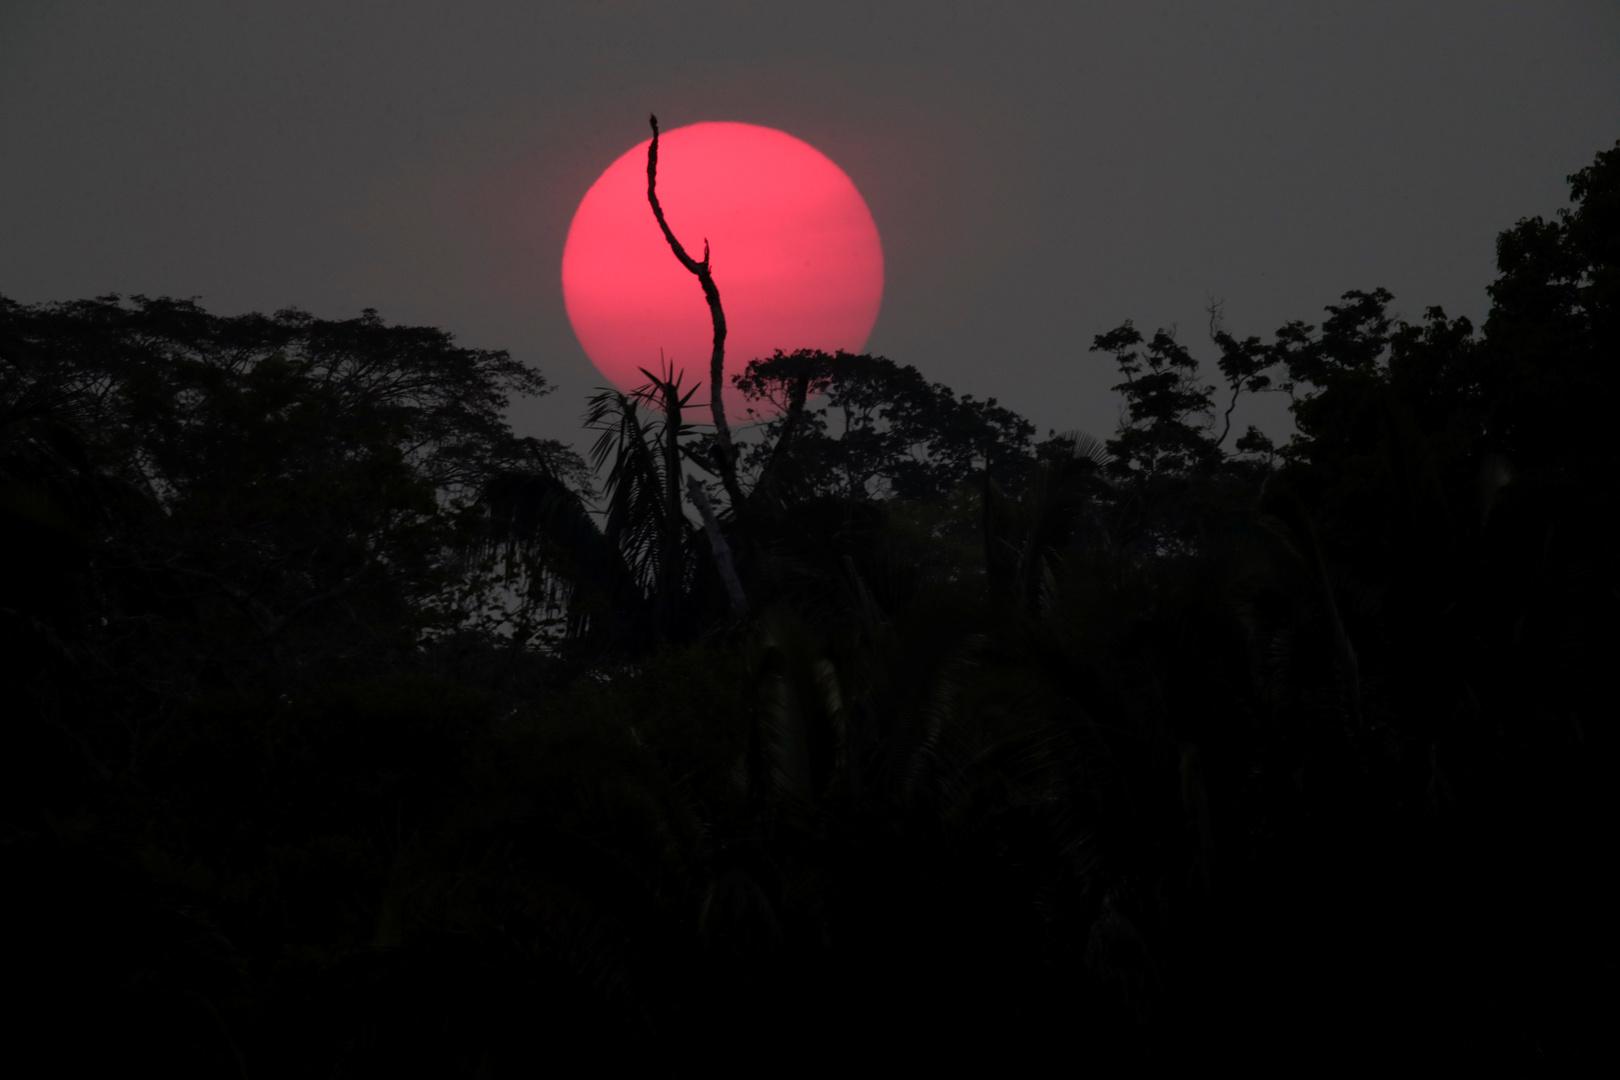 كورونا يهدد قبائل الأمازون بالاندثار